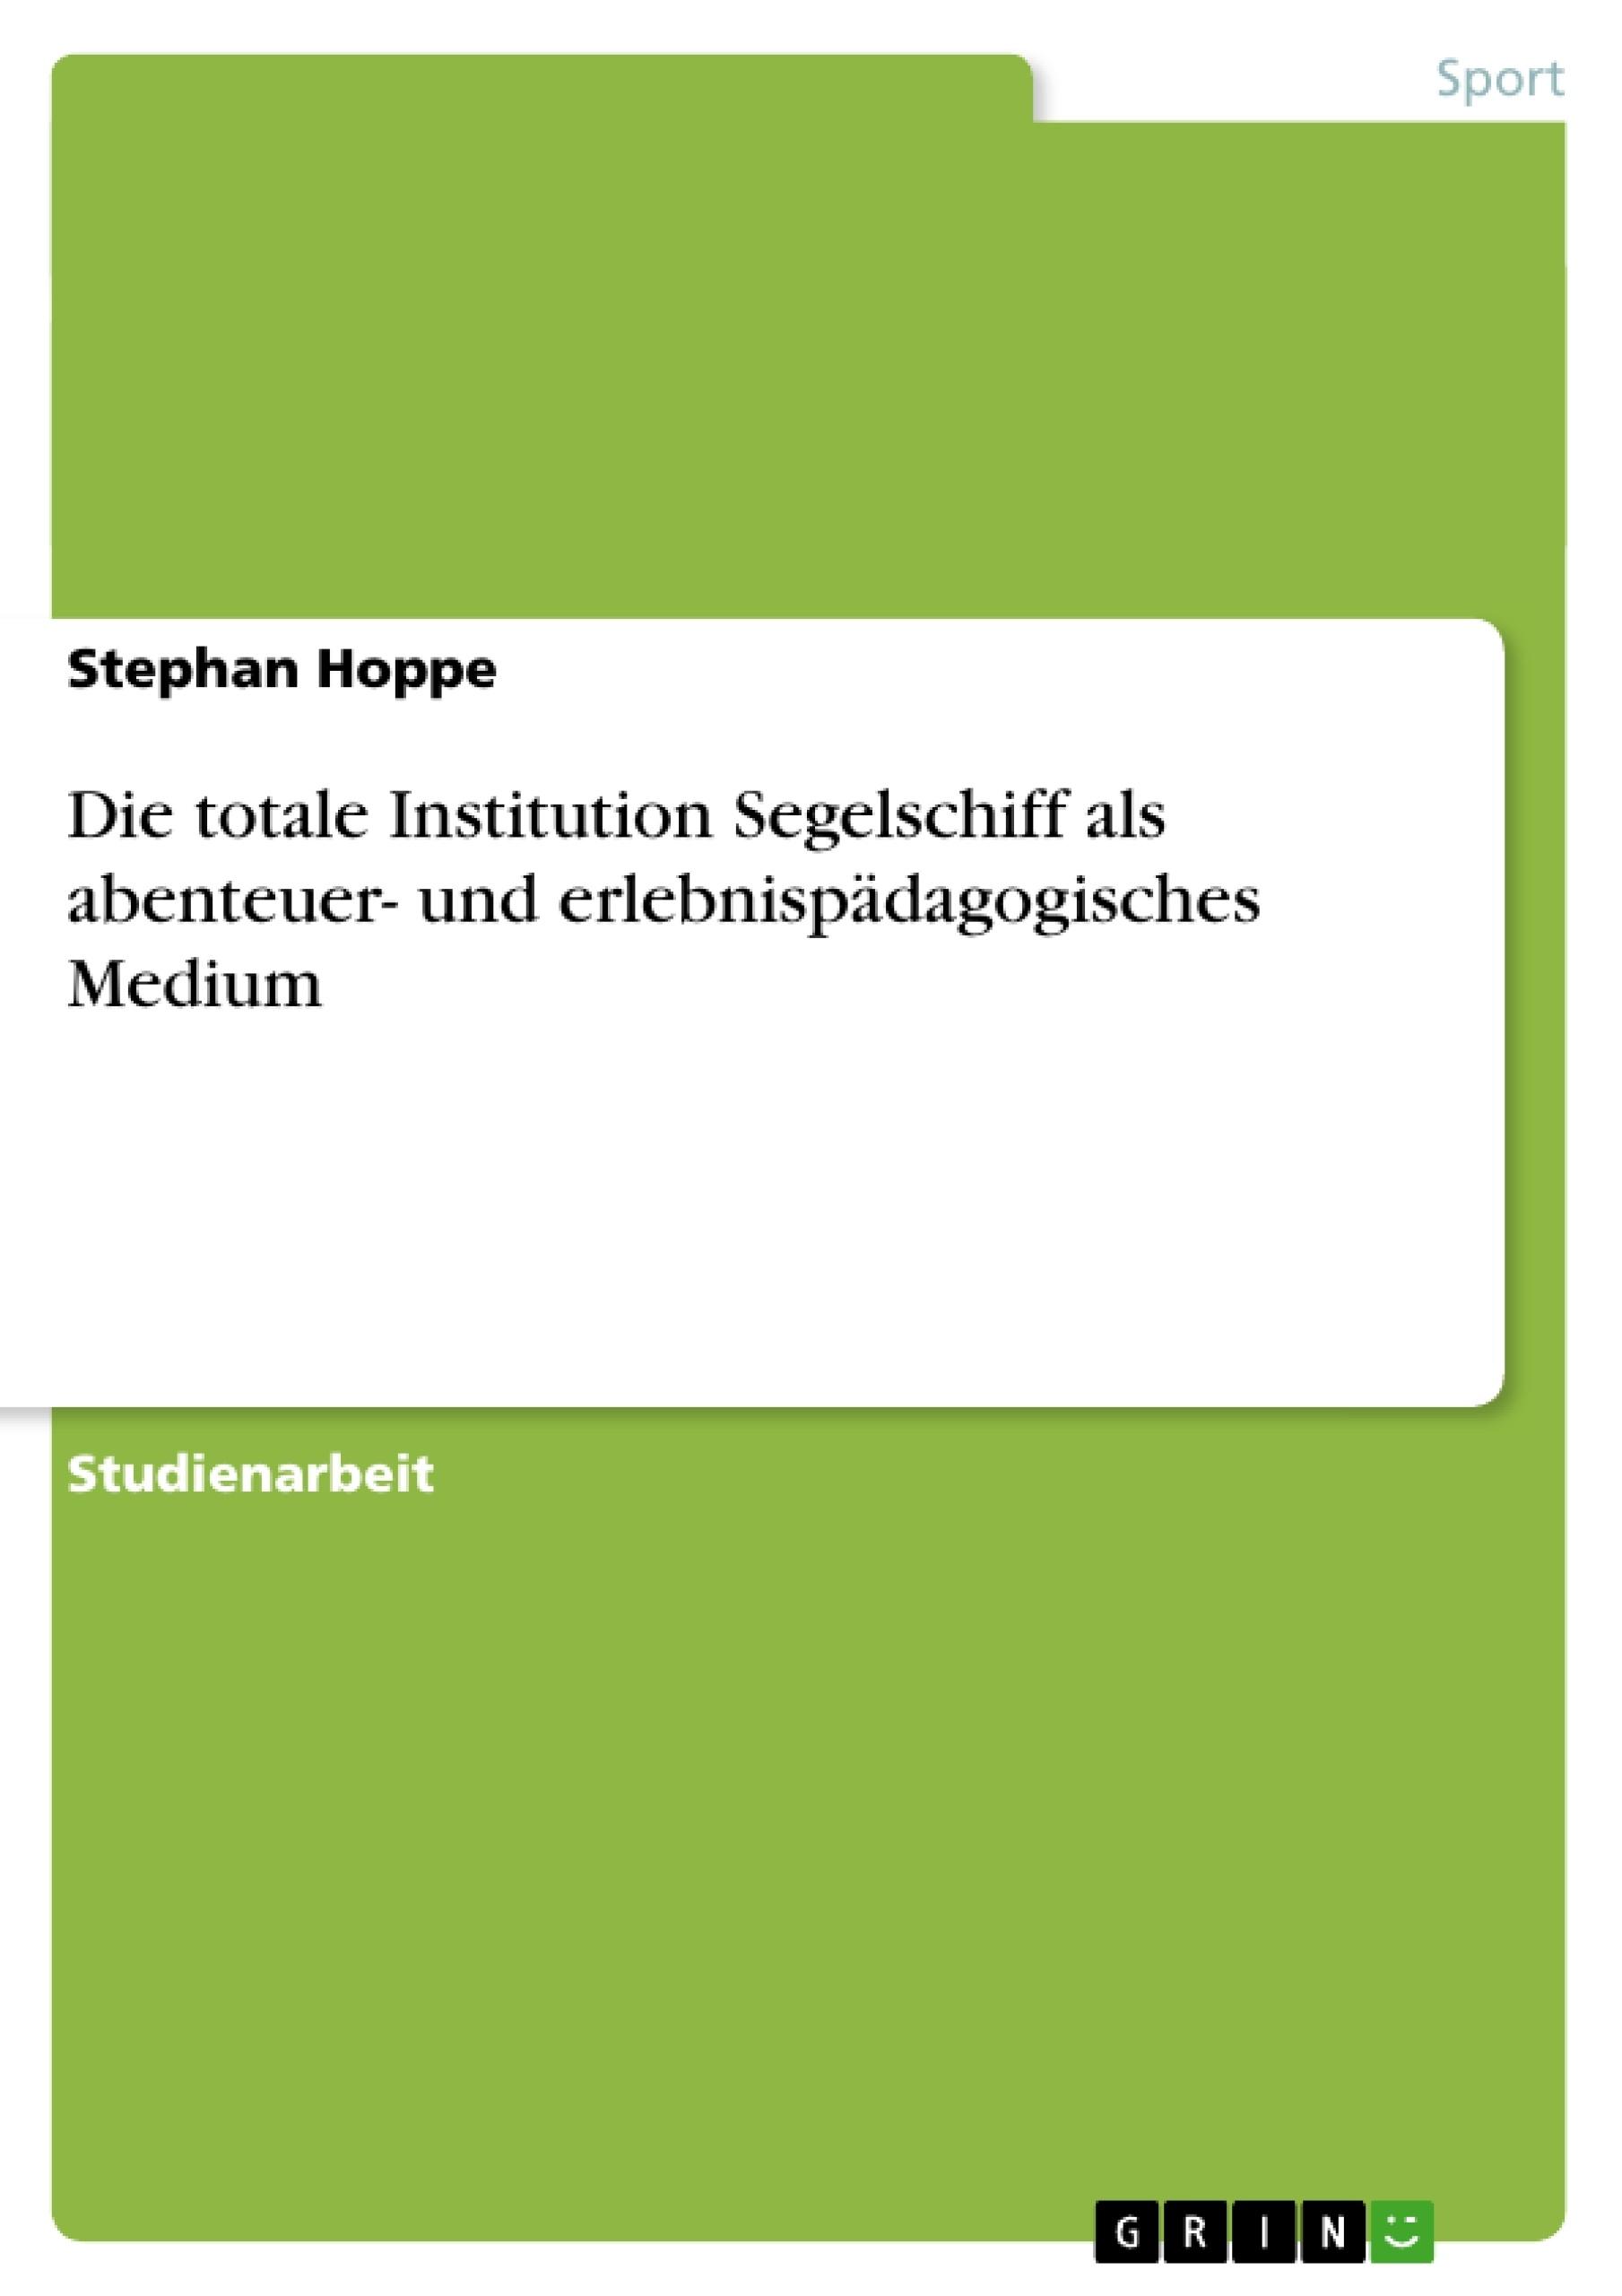 Titel: Die totale Institution Segelschiff als abenteuer- und erlebnispädagogisches Medium